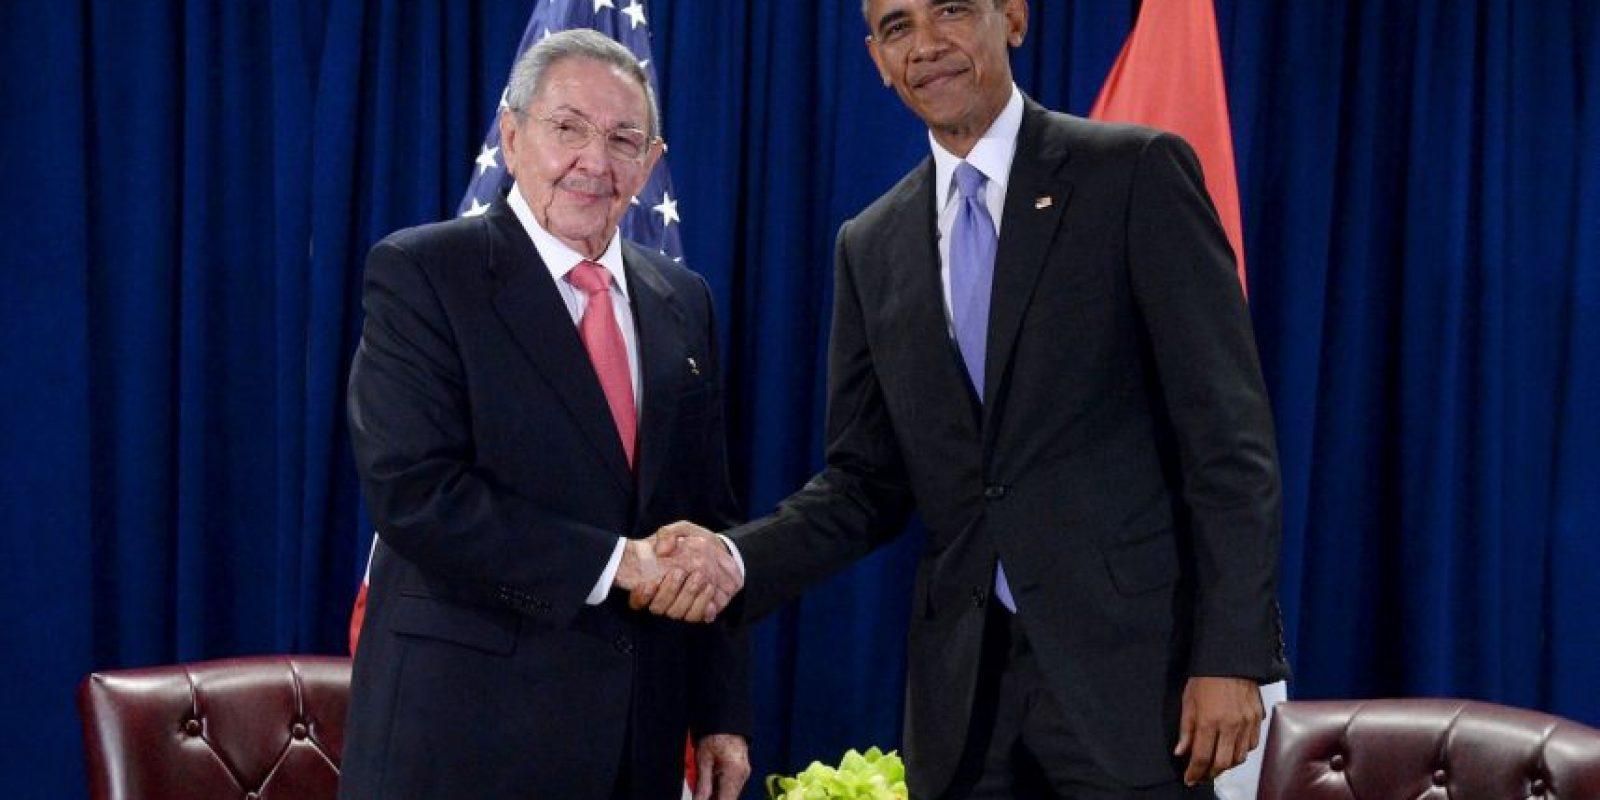 La historia de Cuba y Estados Unidos desde 1961 Foto:Getty Images